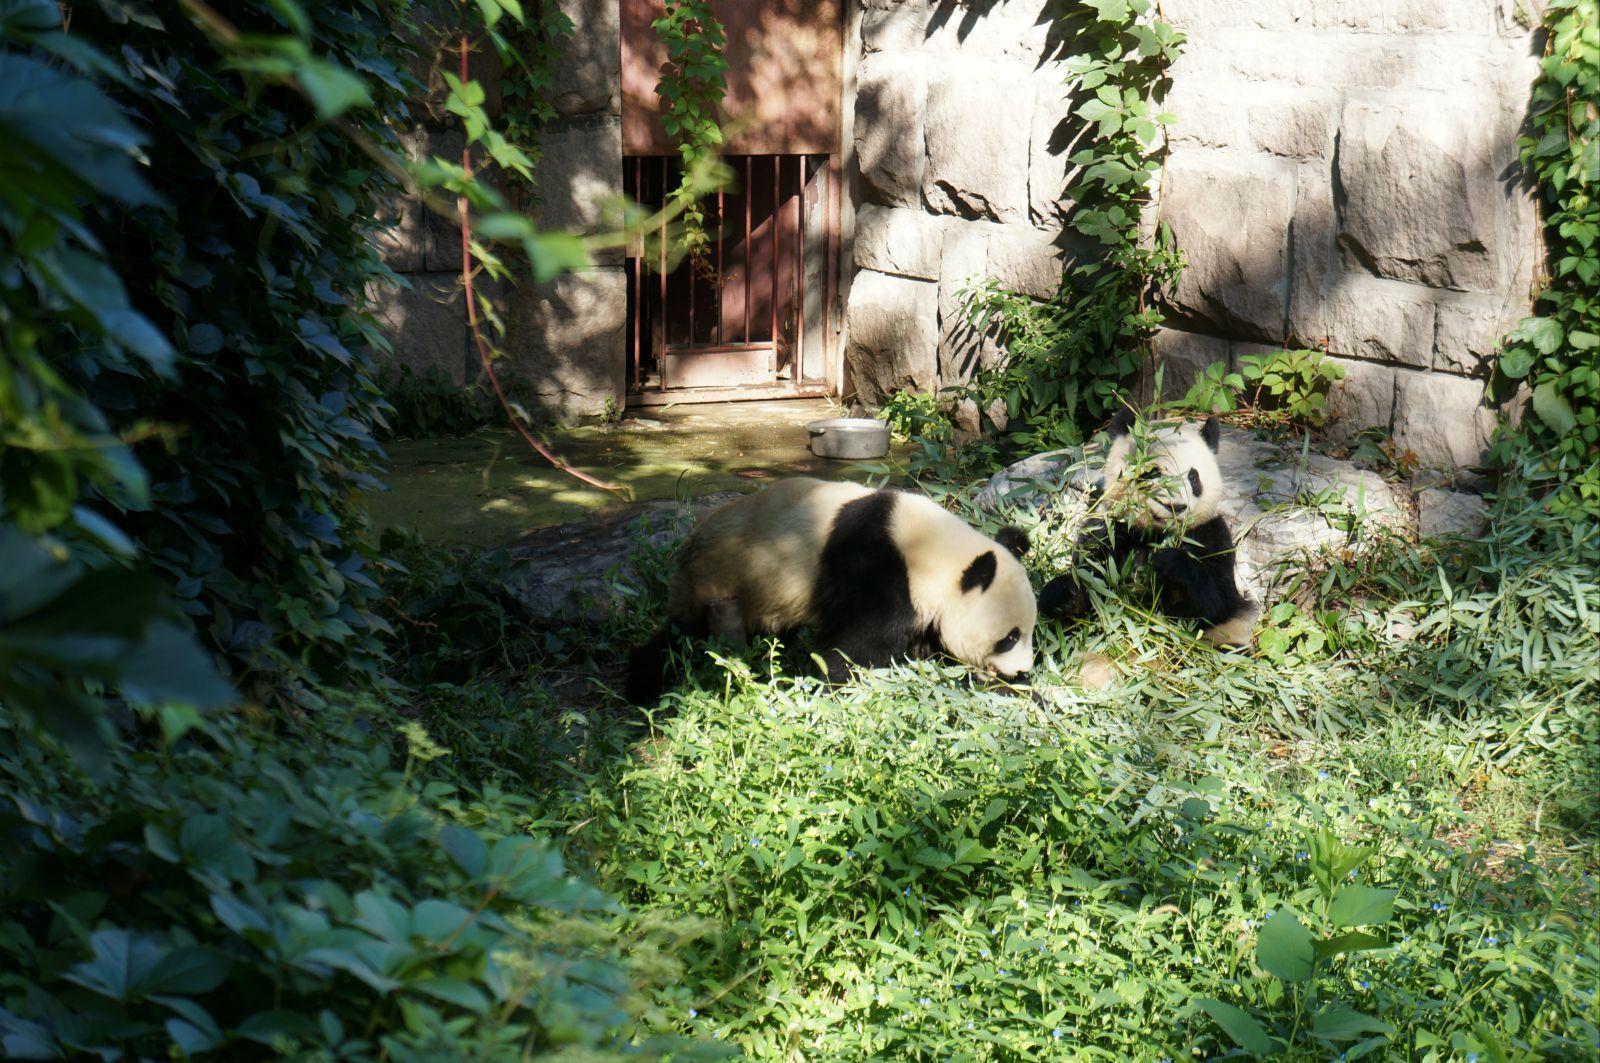 夜行动物 北京动物园 大熊猫馆